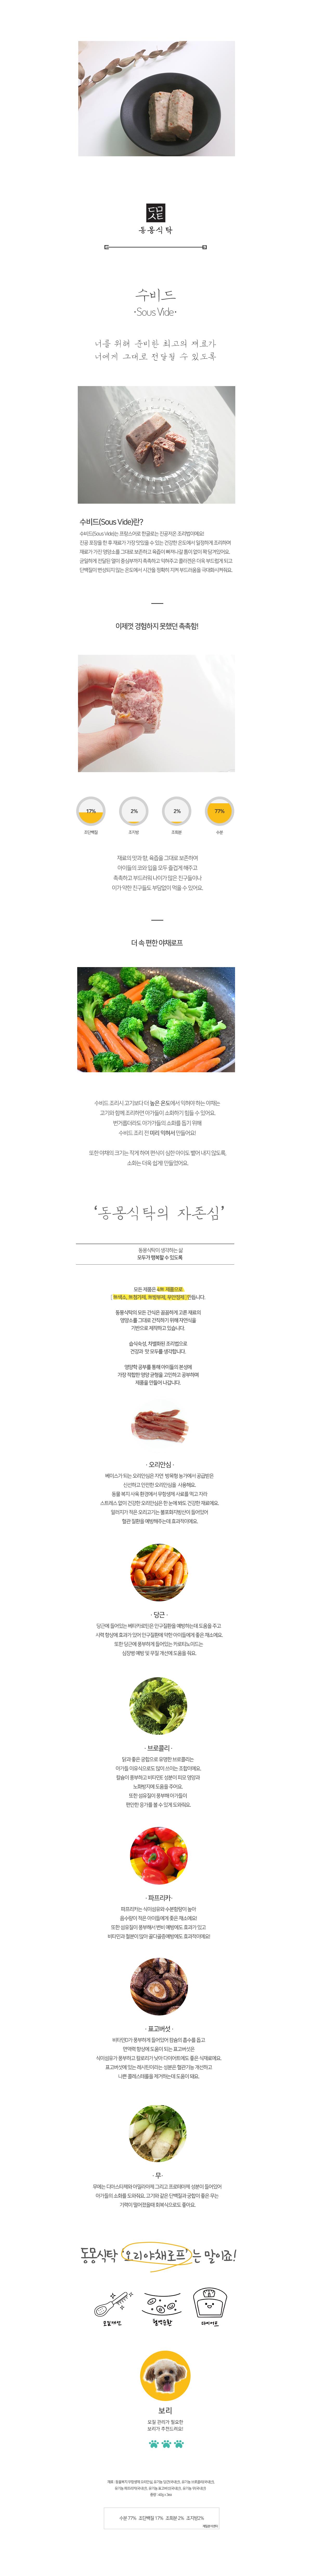 강아지 수제간식 소고기 야채 로프 120g - 동몽식탁, 6,500원, 간식/영양제, 수제간식